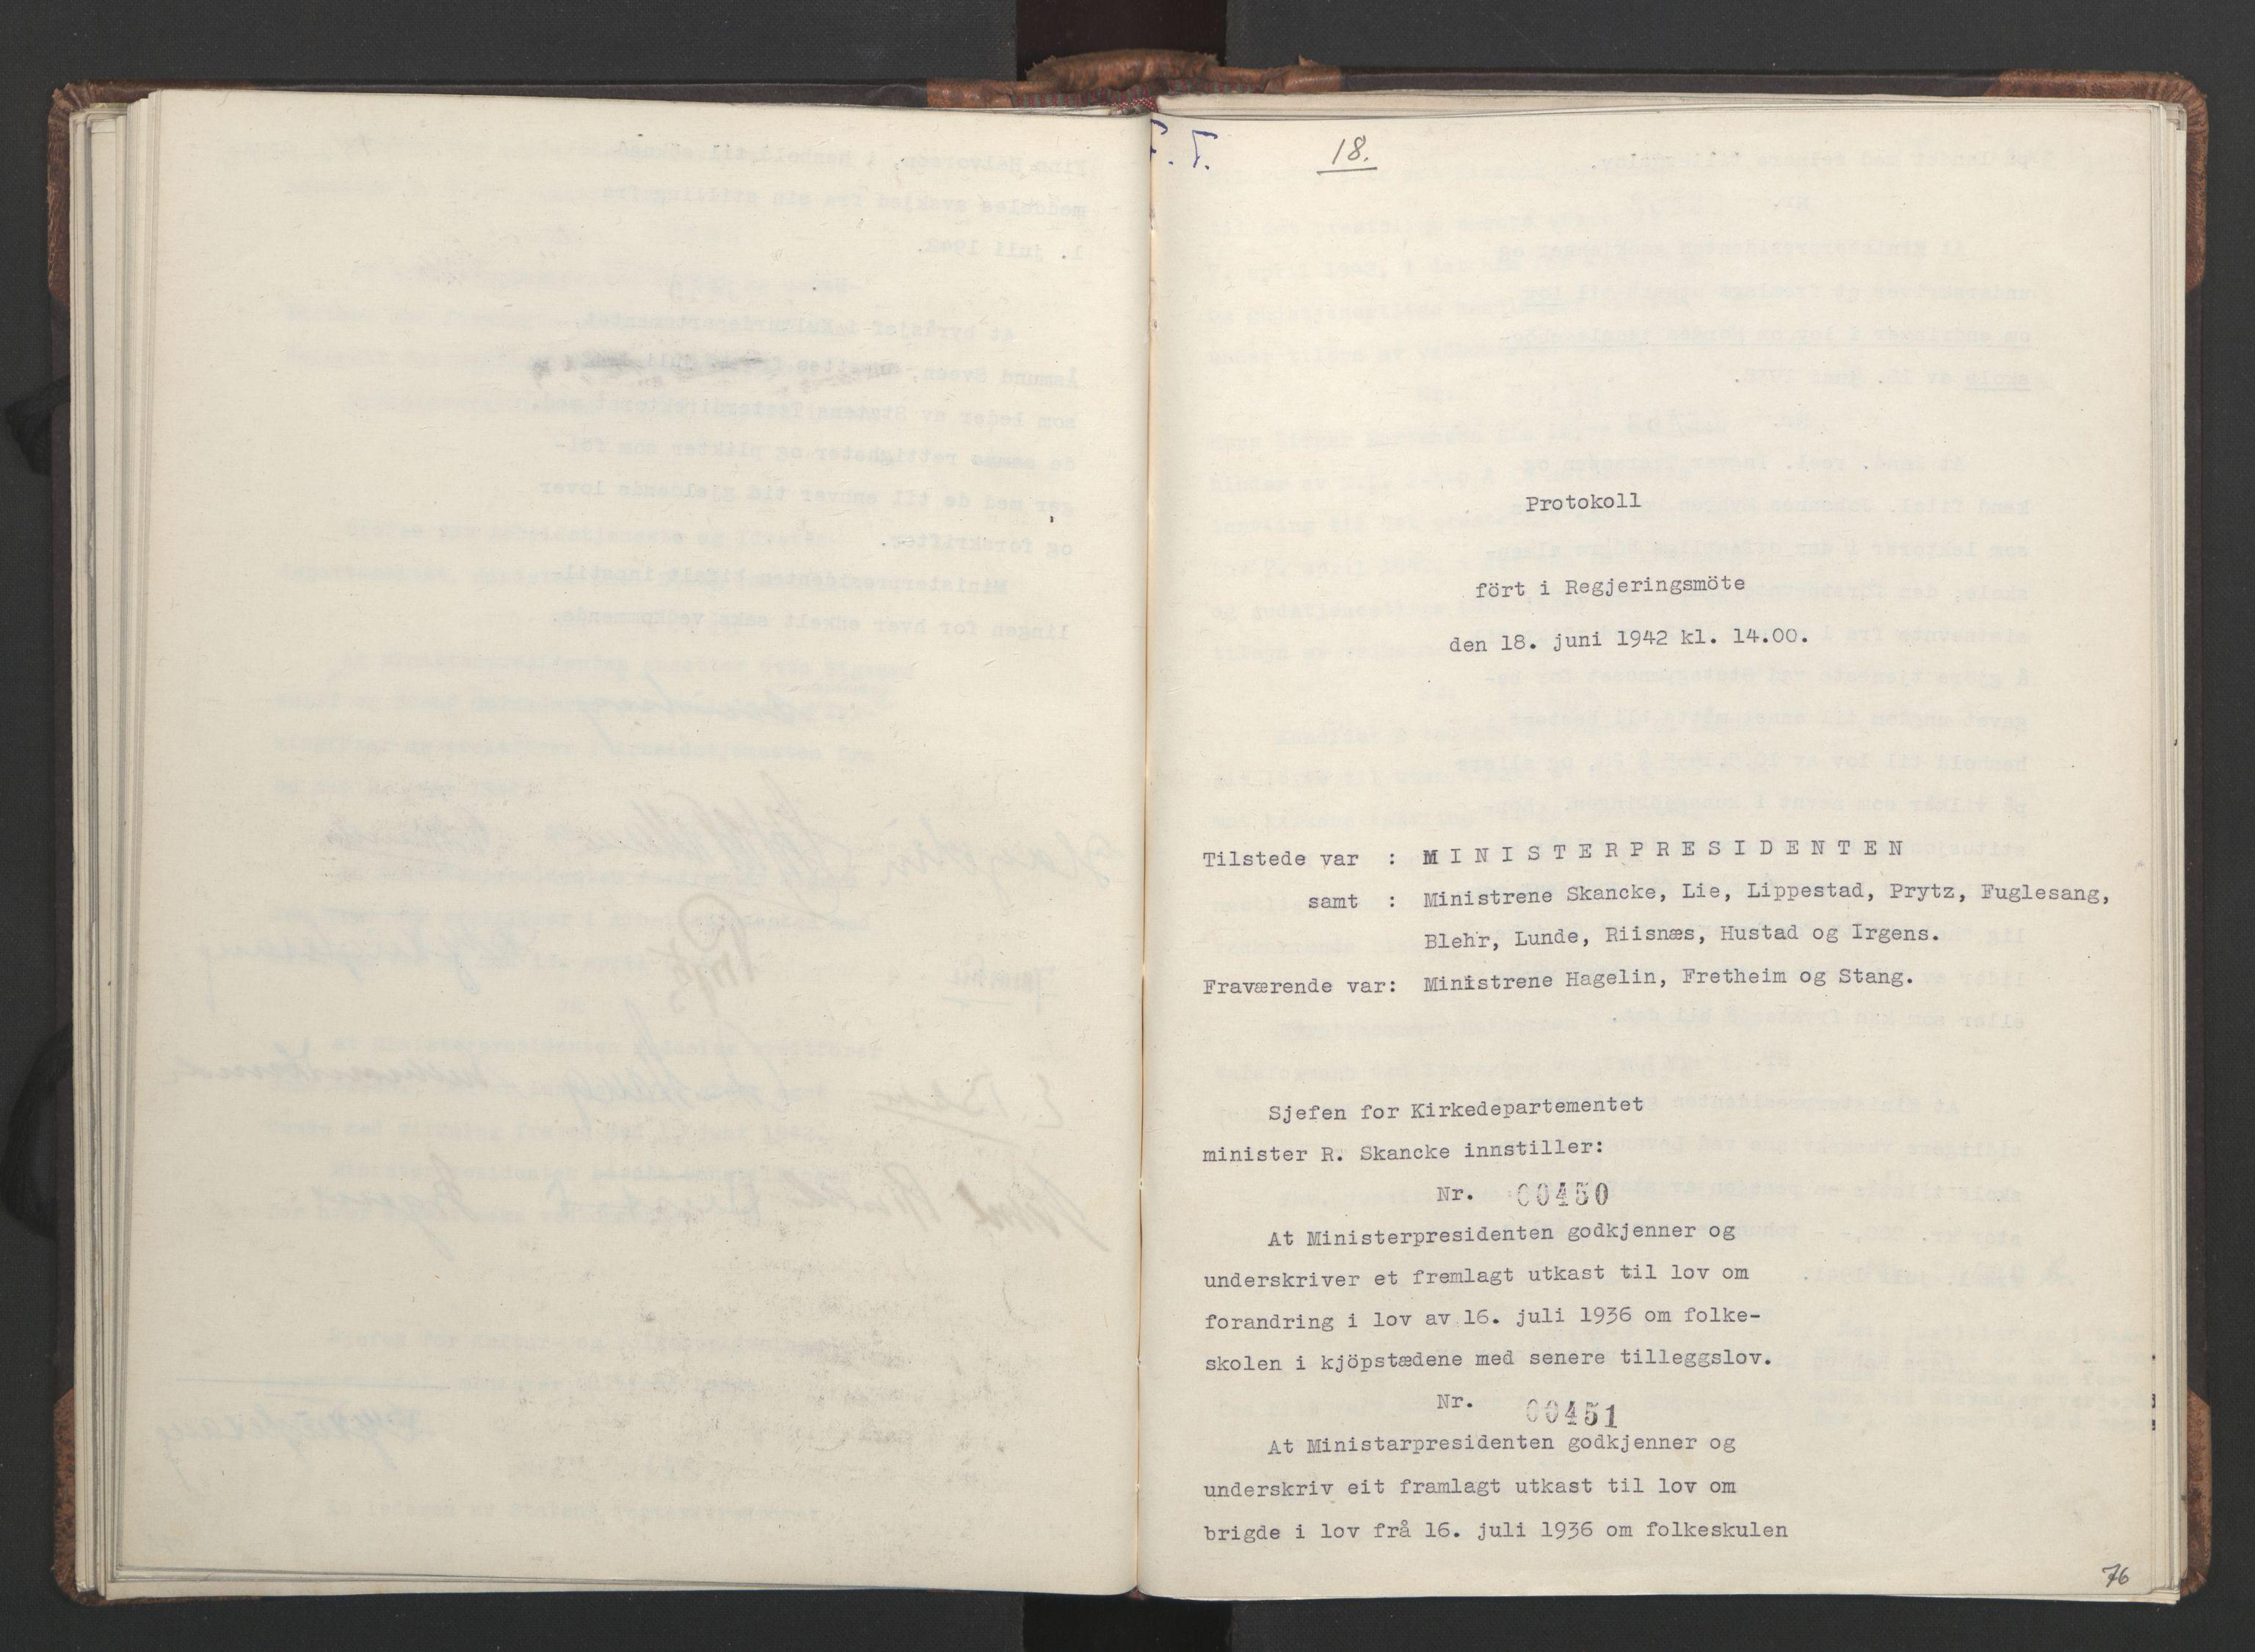 RA, NS-administrasjonen 1940-1945 (Statsrådsekretariatet, de kommisariske statsråder mm), D/Da/L0001: Beslutninger og tillegg (1-952 og 1-32), 1942, s. 75b-76a